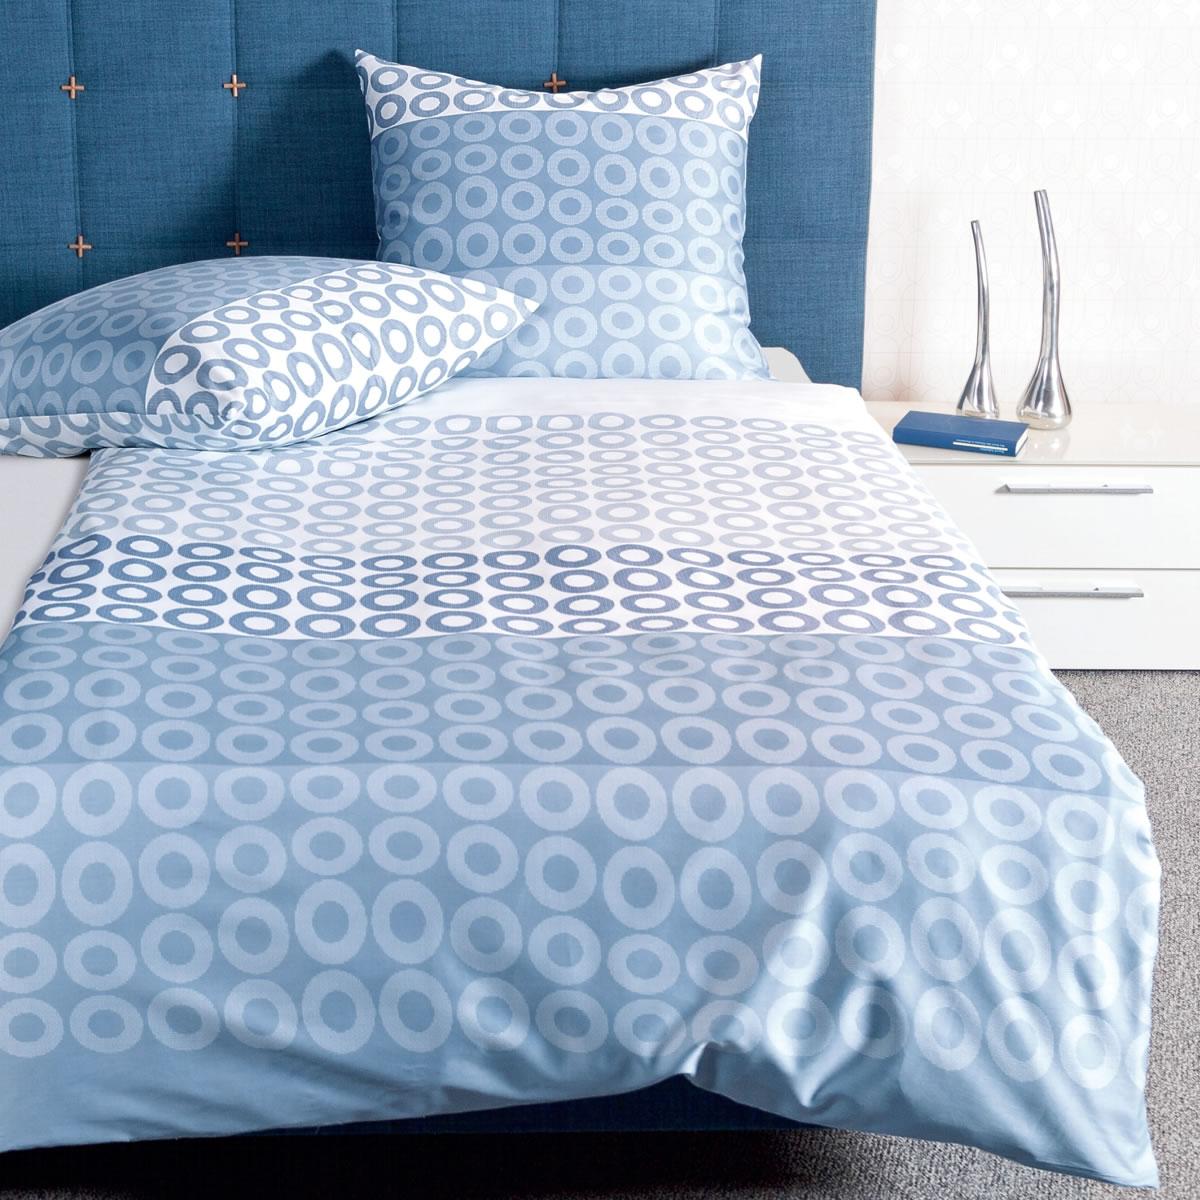 Janine Mako Satin Bettwäsche Jd 87029 02 Blau Weiß Kreise